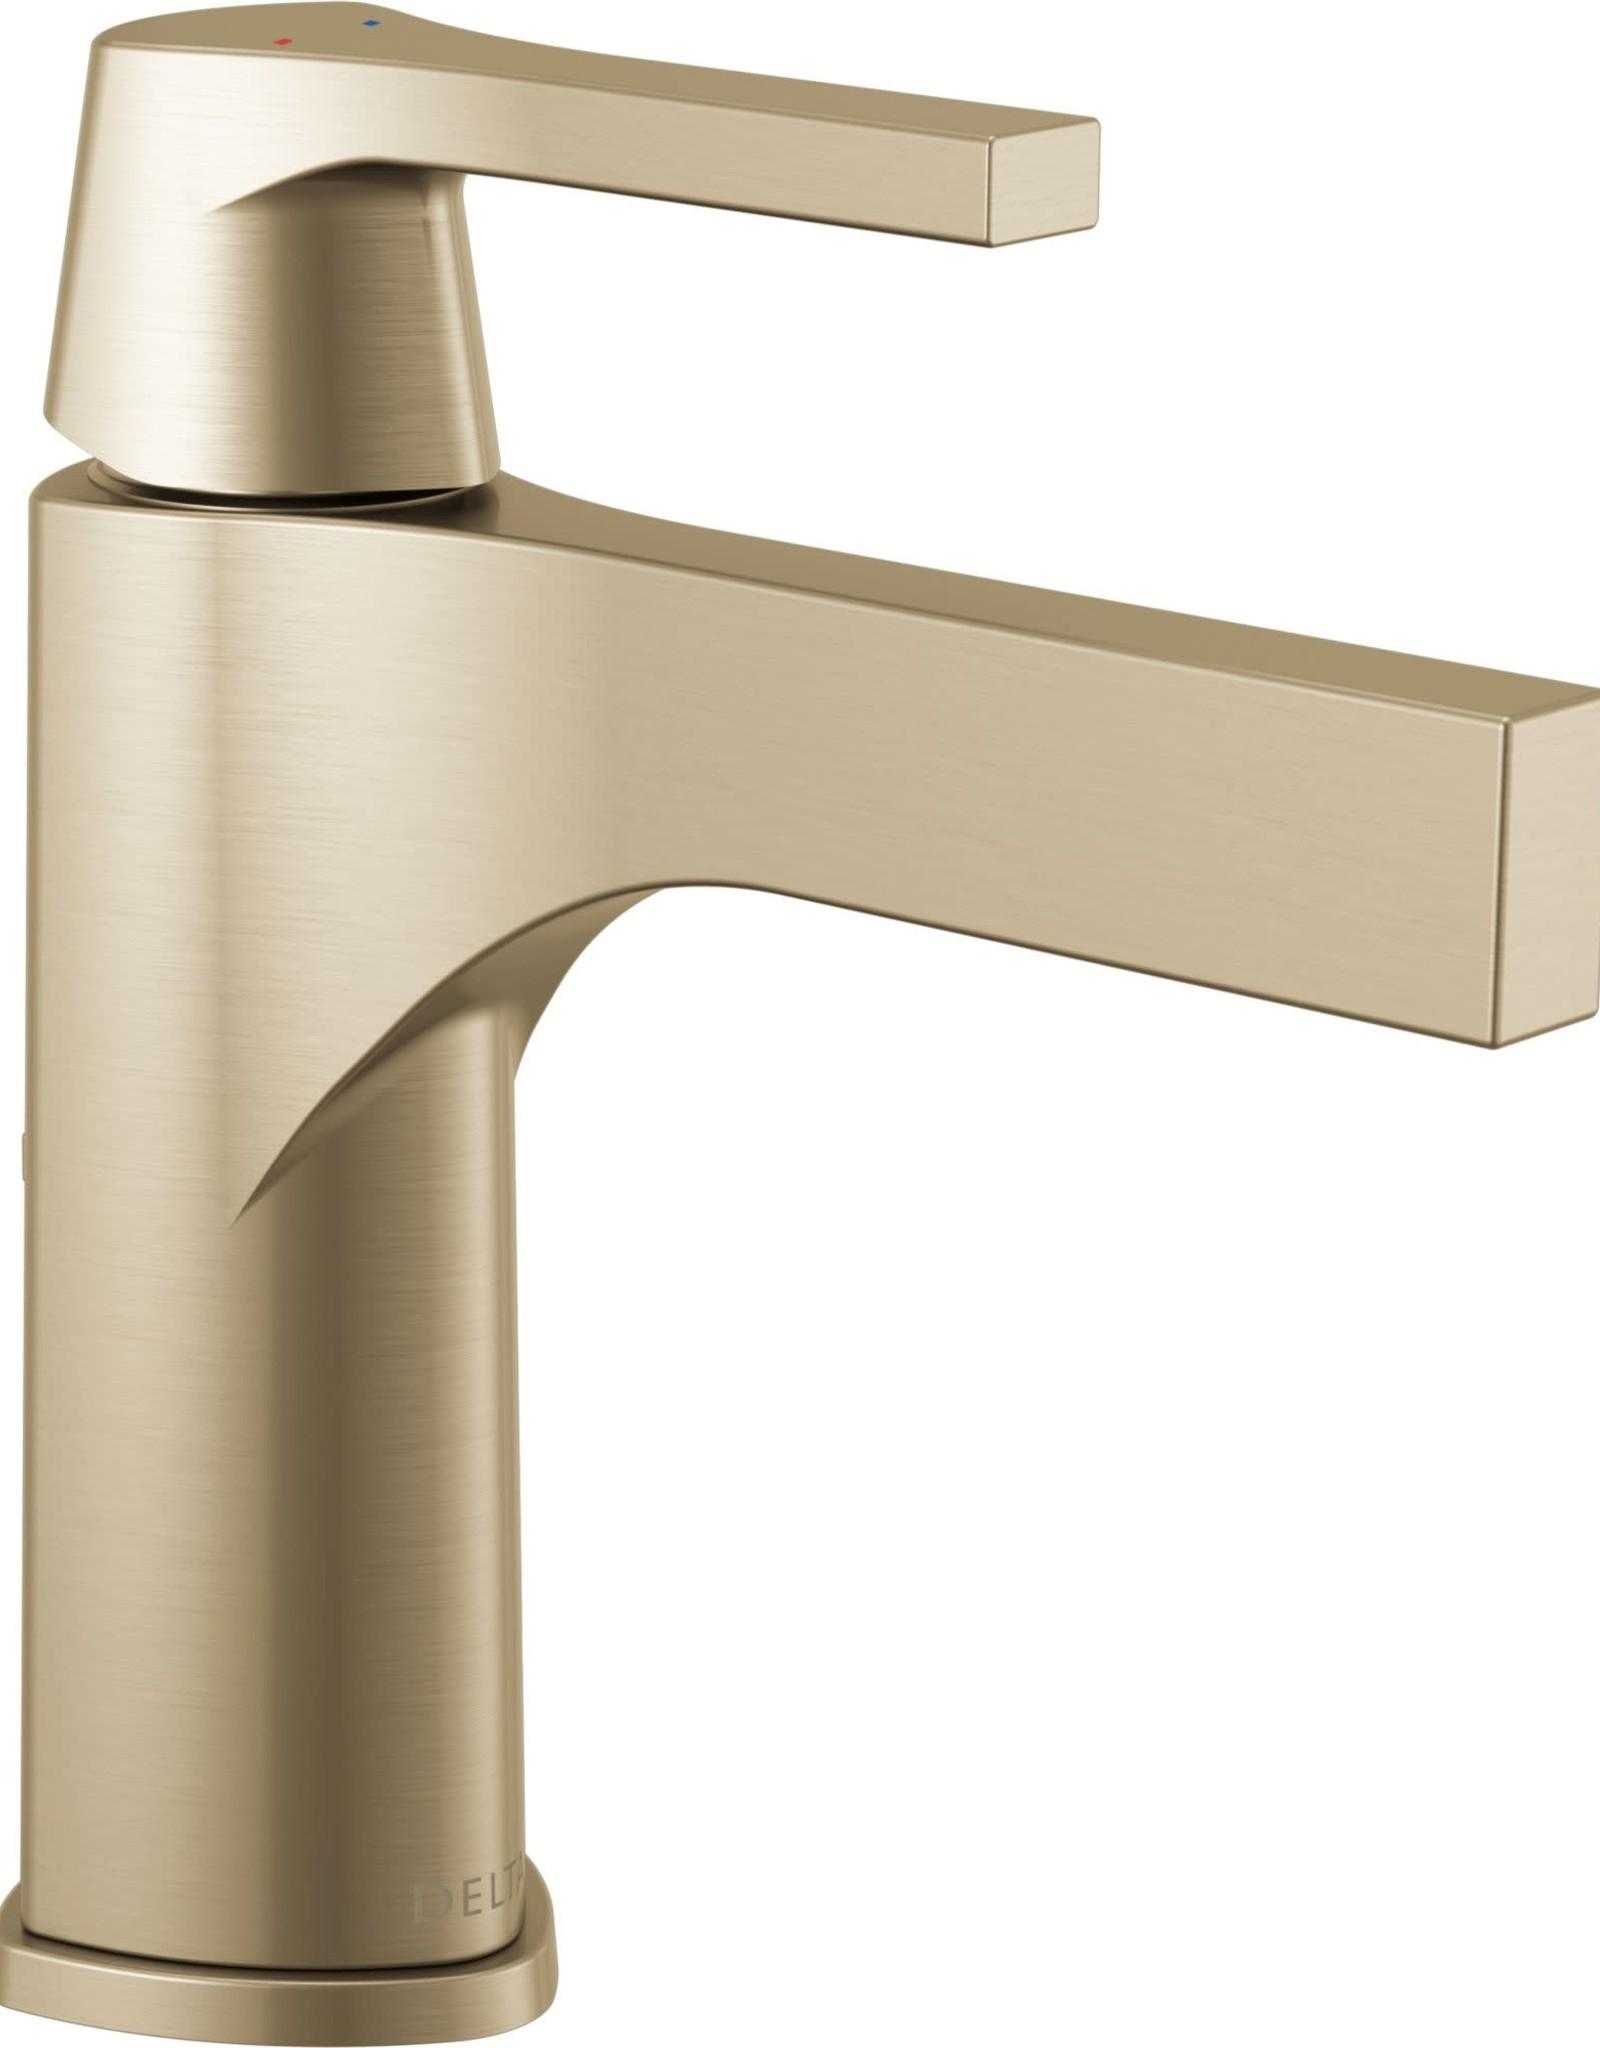 Delta Delta Zura Single Lav Faucet Champagne Bronze